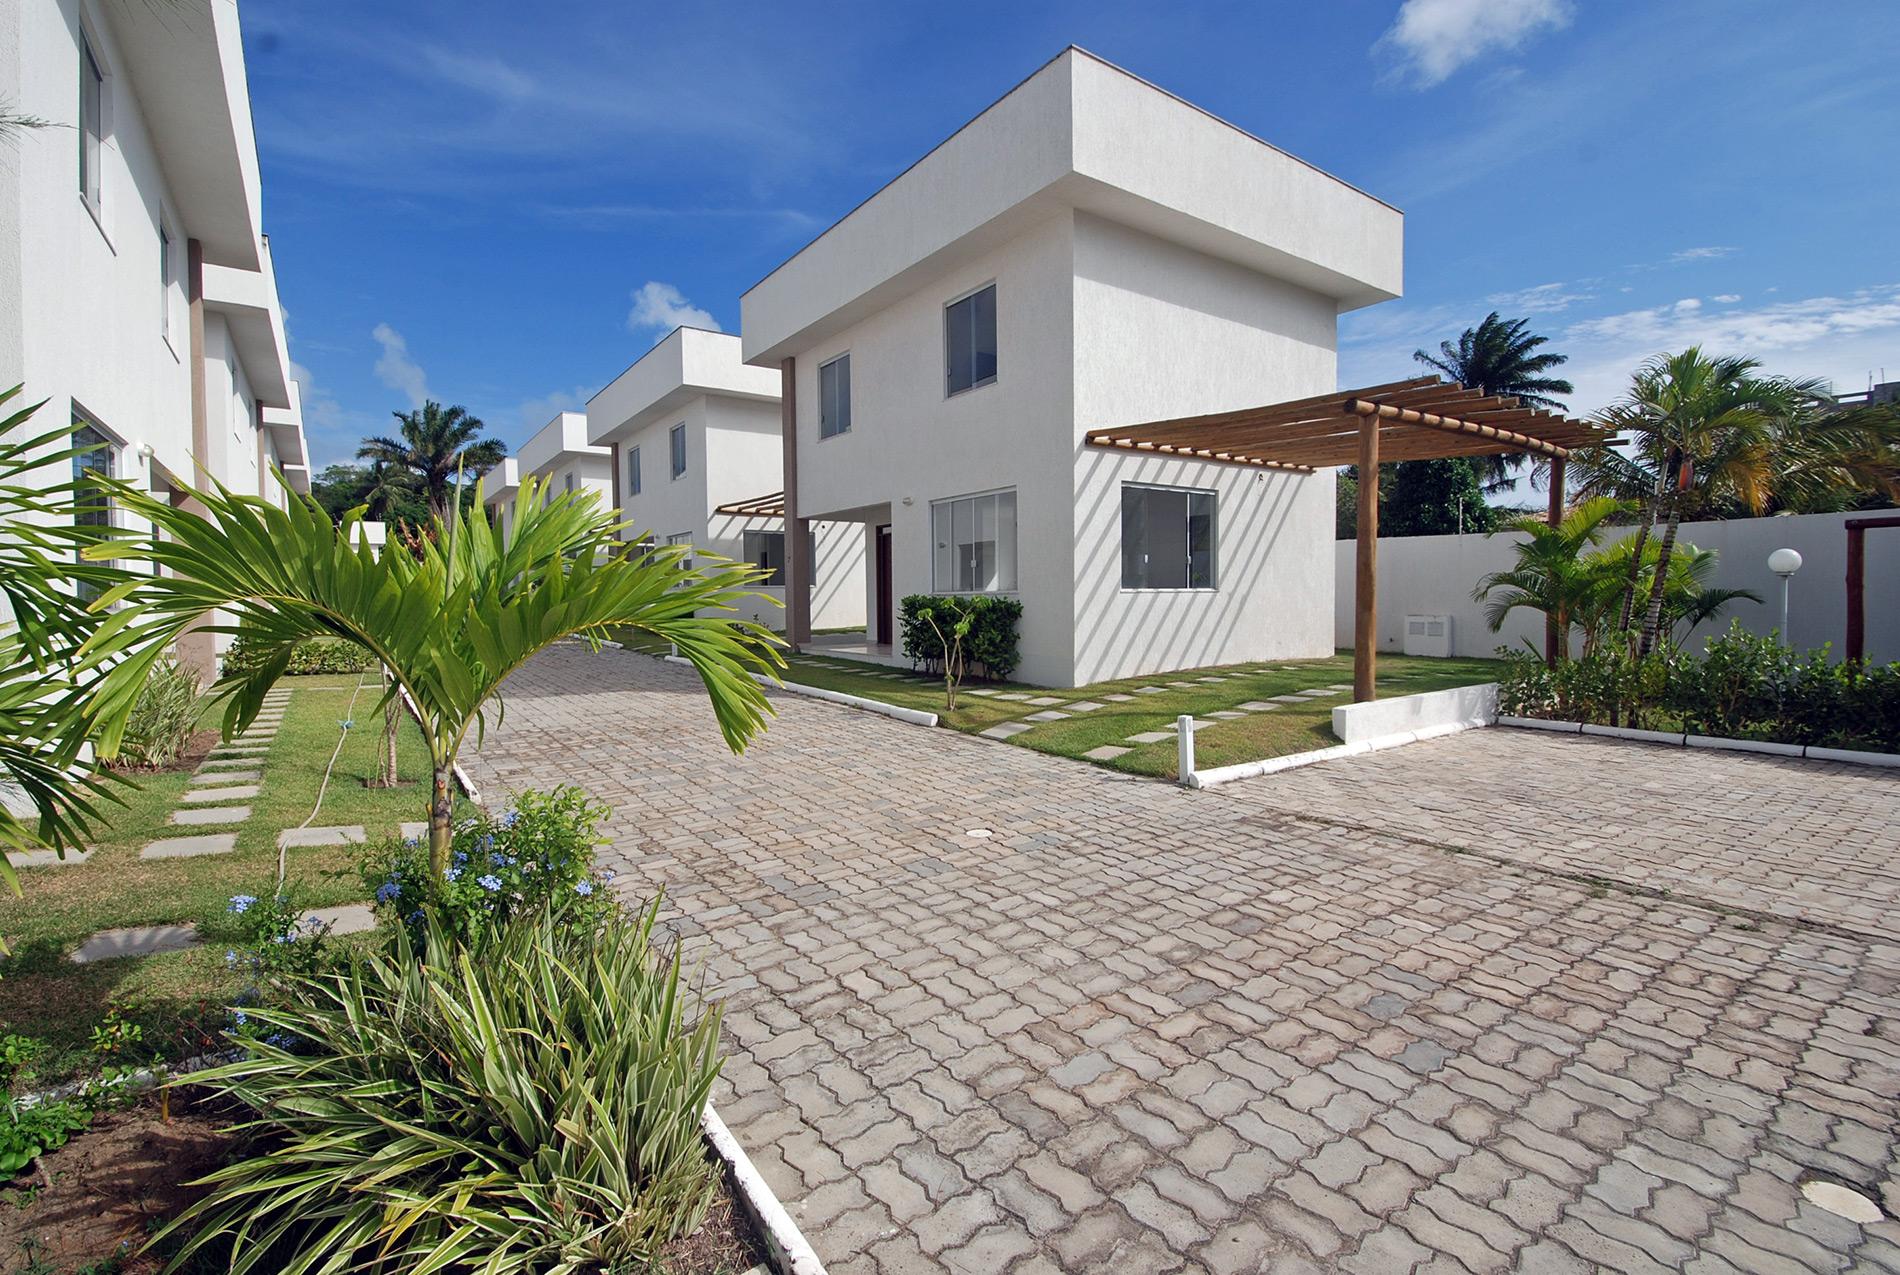 Casas en venta en un condominio en abrantes hansen im veis for Casas en condominio